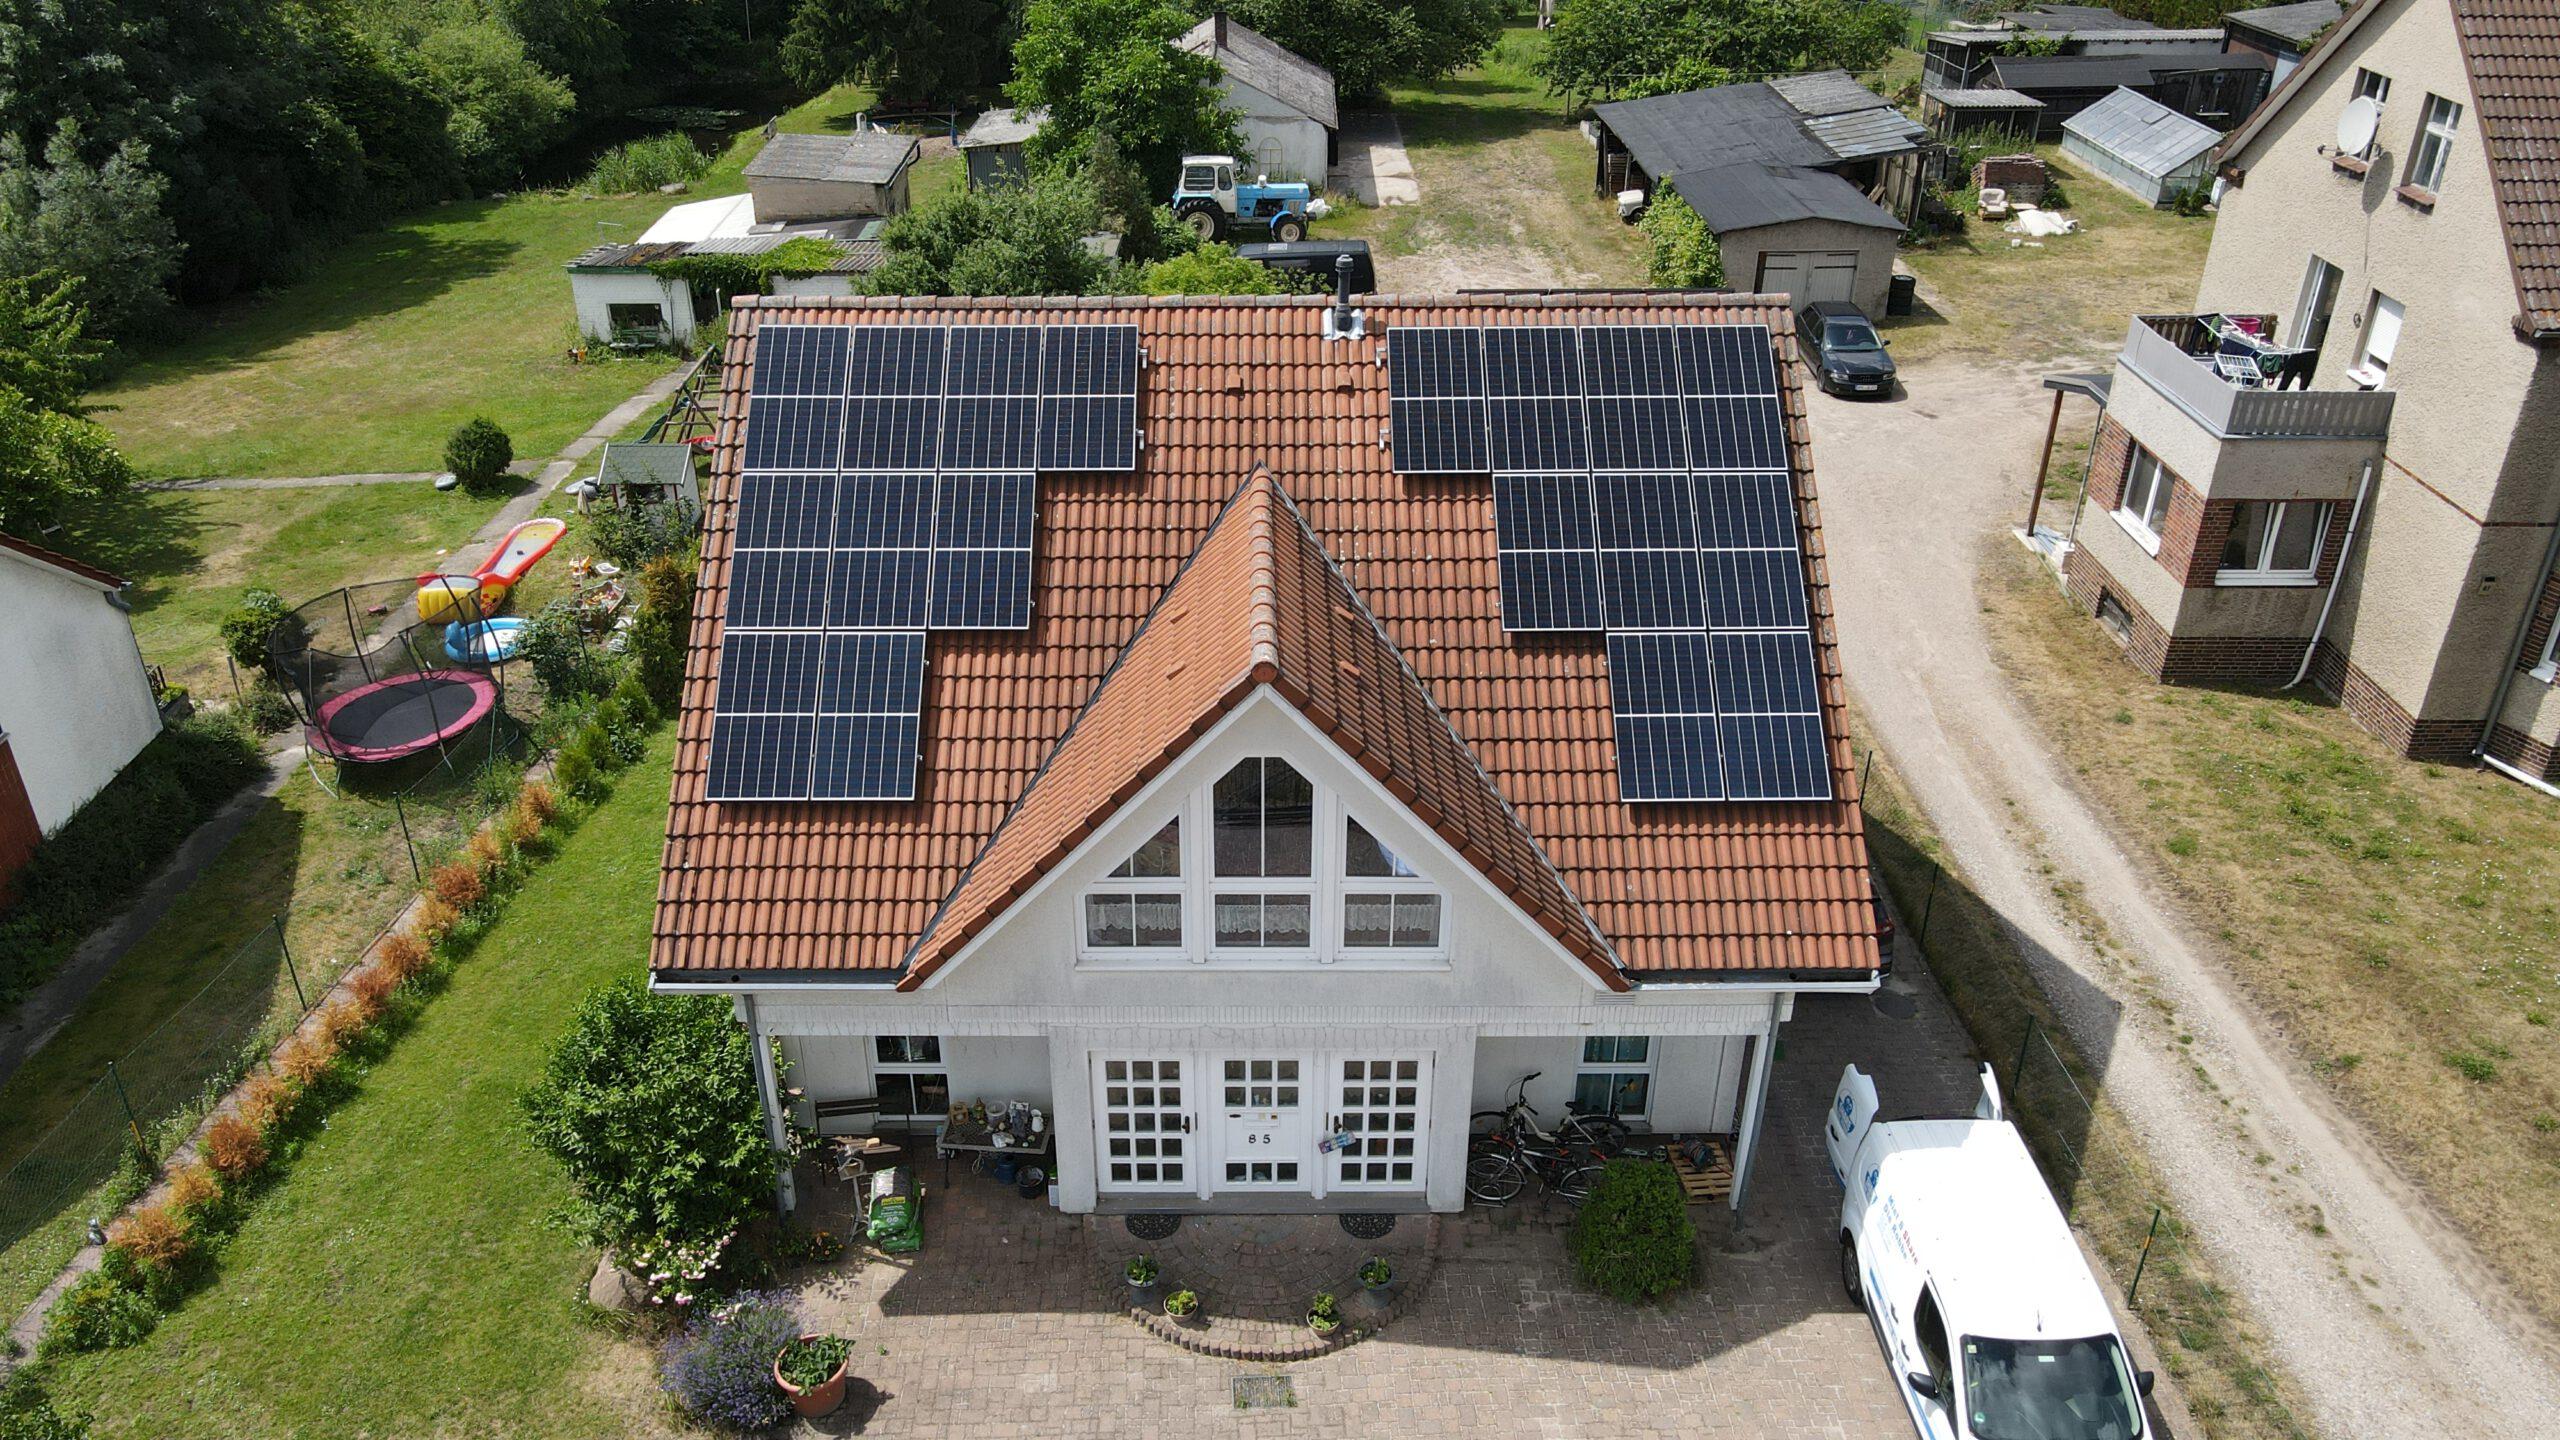 oberkraemer solaranlage 300x169